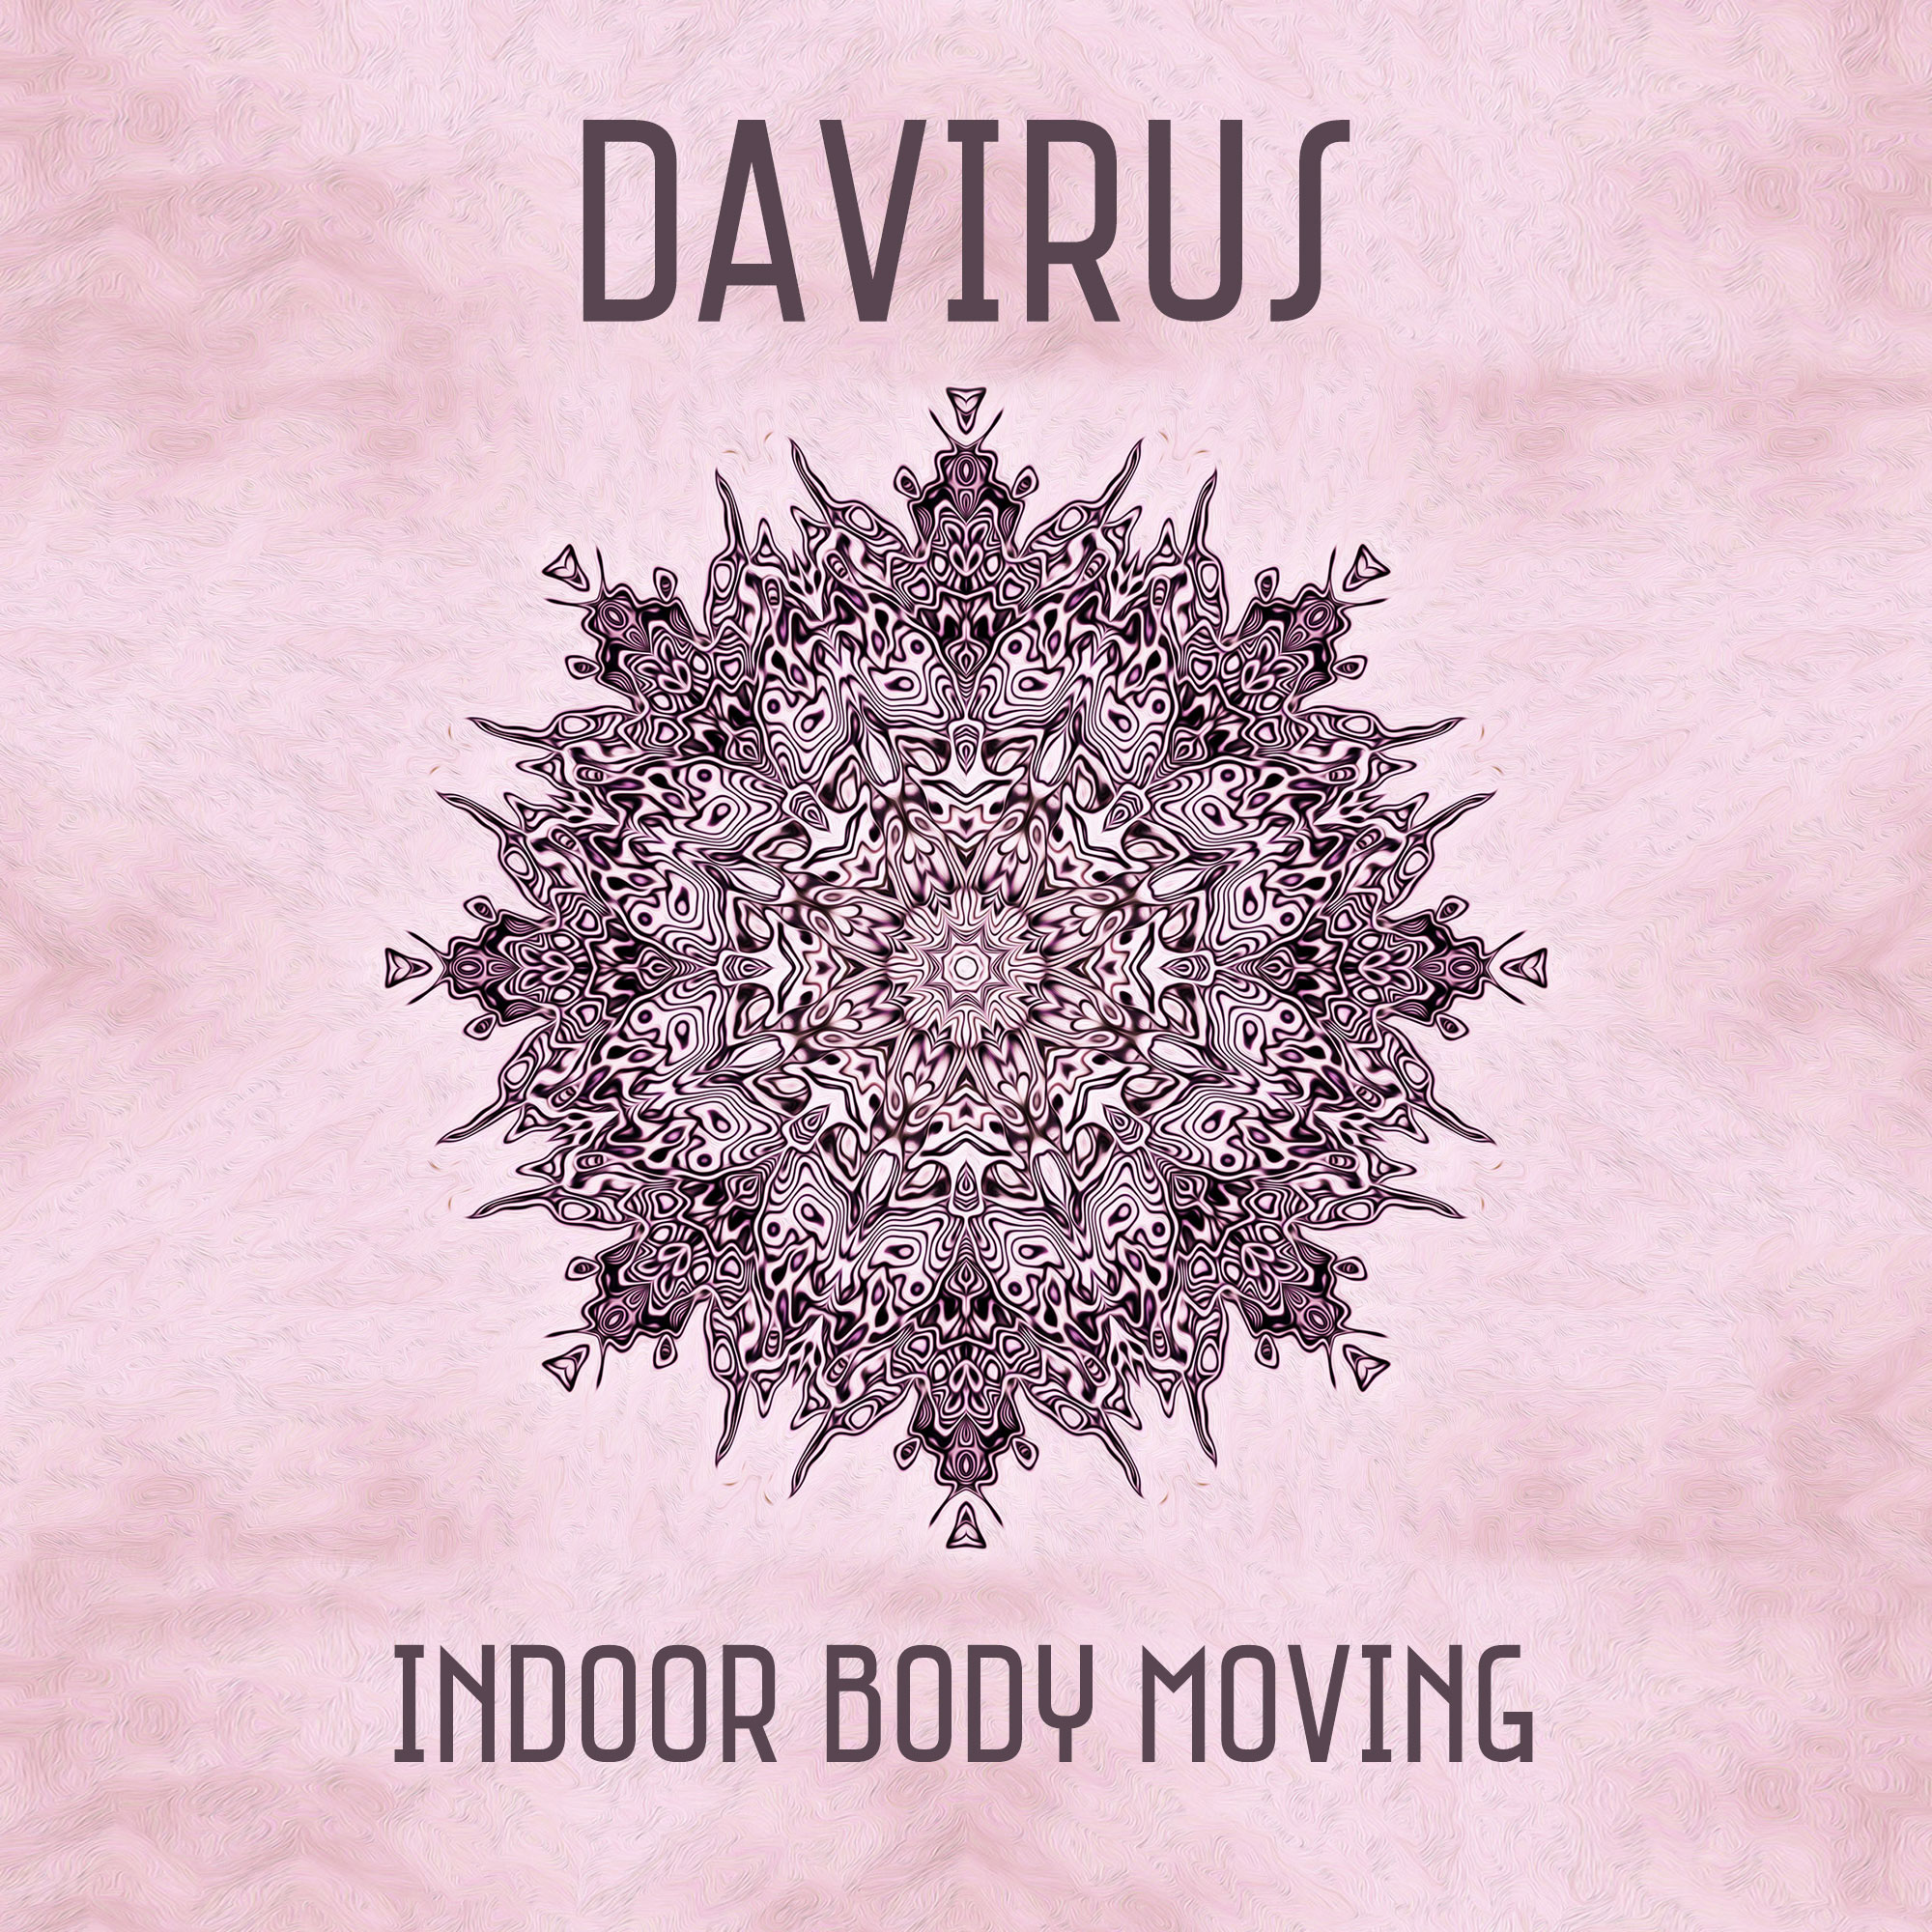 davirus-Indoor-Body-Moving